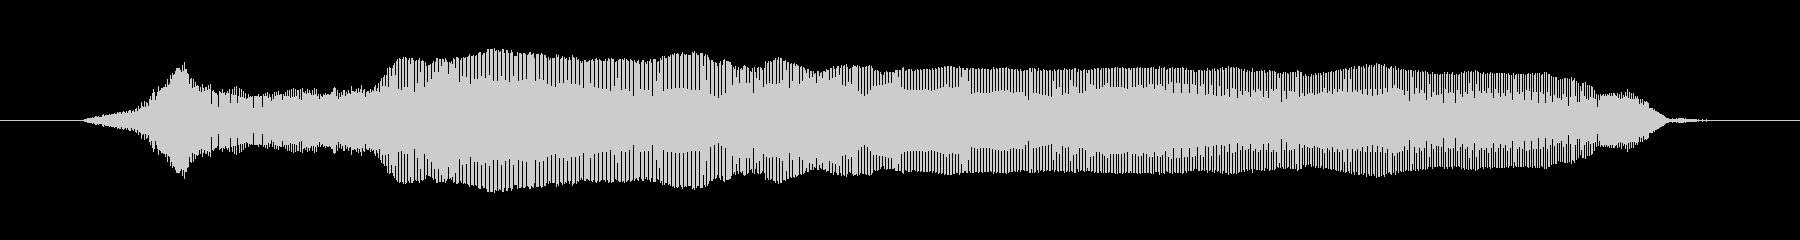 いえーい1の未再生の波形